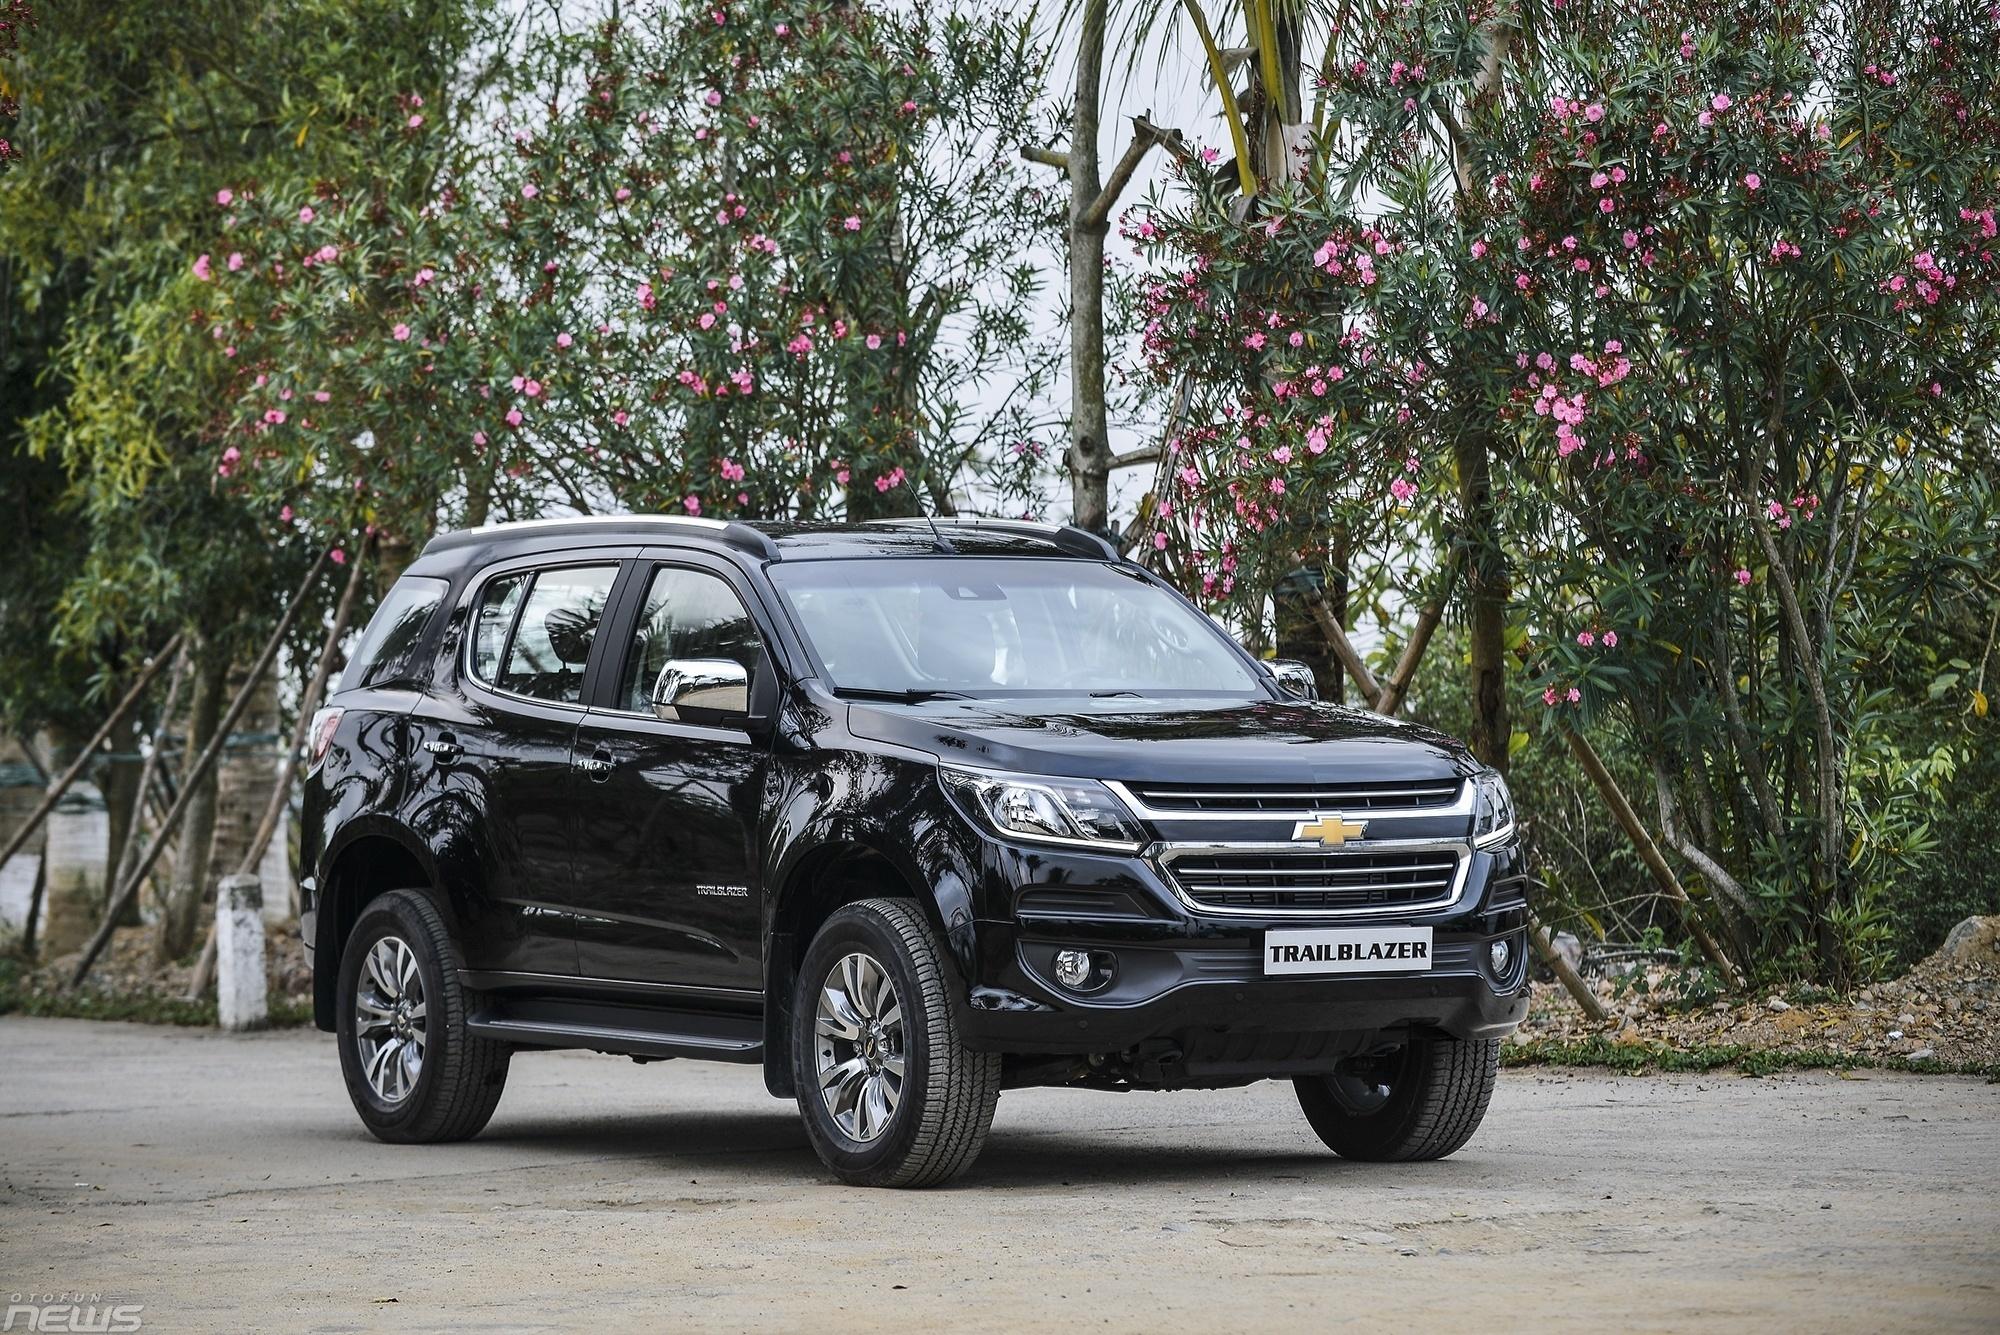 Điểm danh những mẫu ô tô giảm giá trong tháng